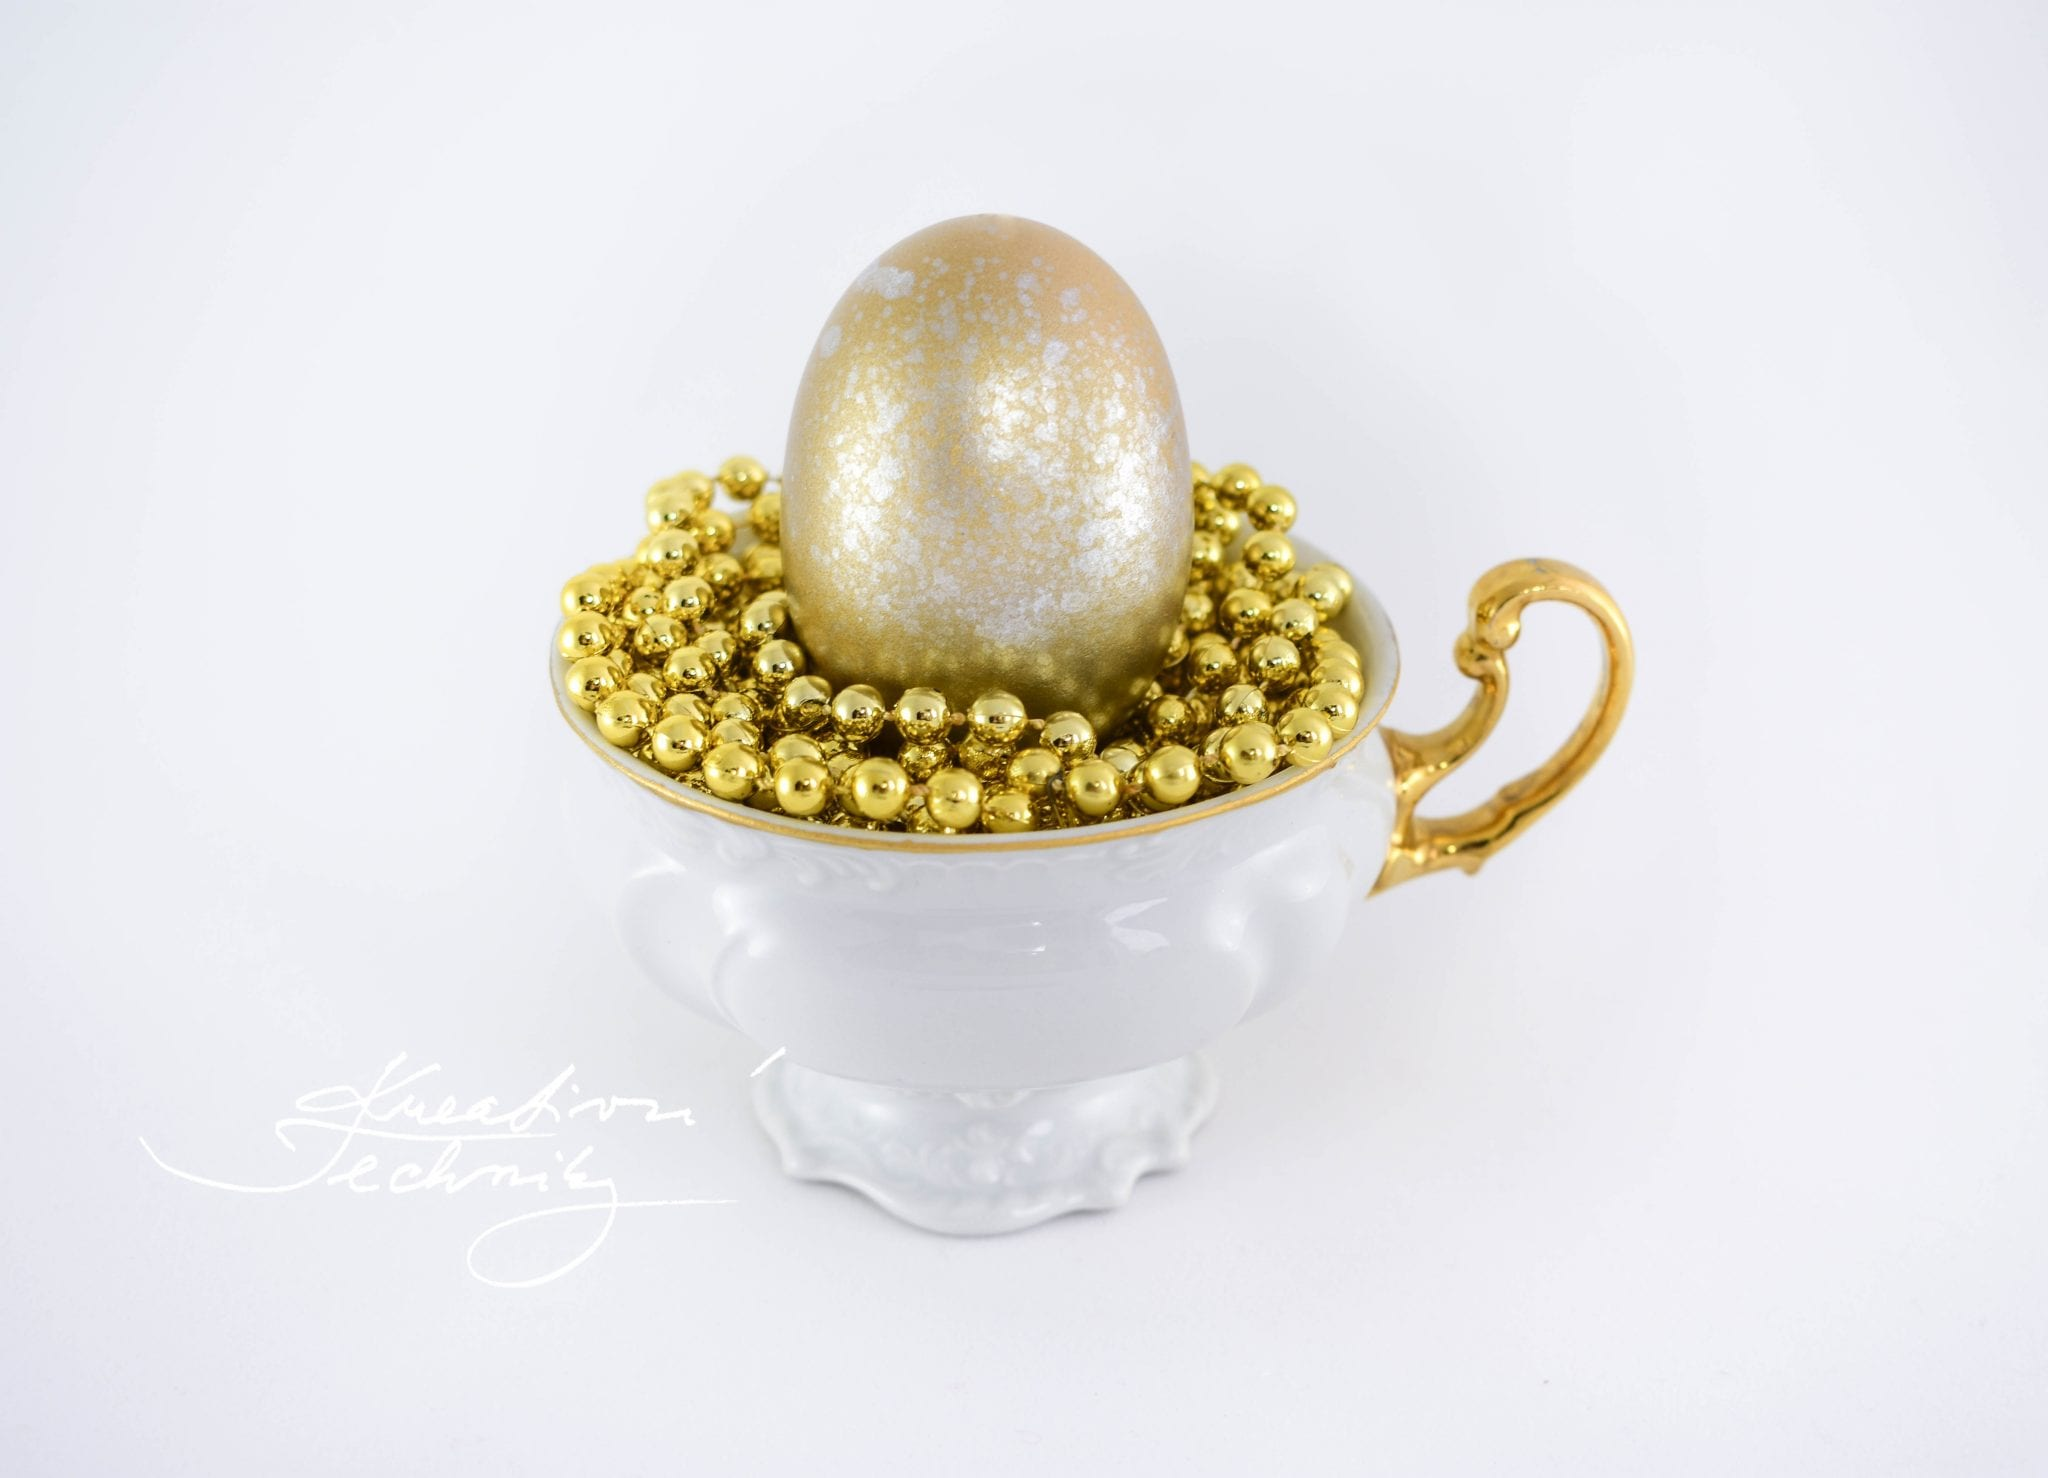 Velikonoční vajíčka. Zdobení velikonočních vajíček. Barvení velikonočních vajíček. Velikonoční vajíčko. Velikonoční dekorace.